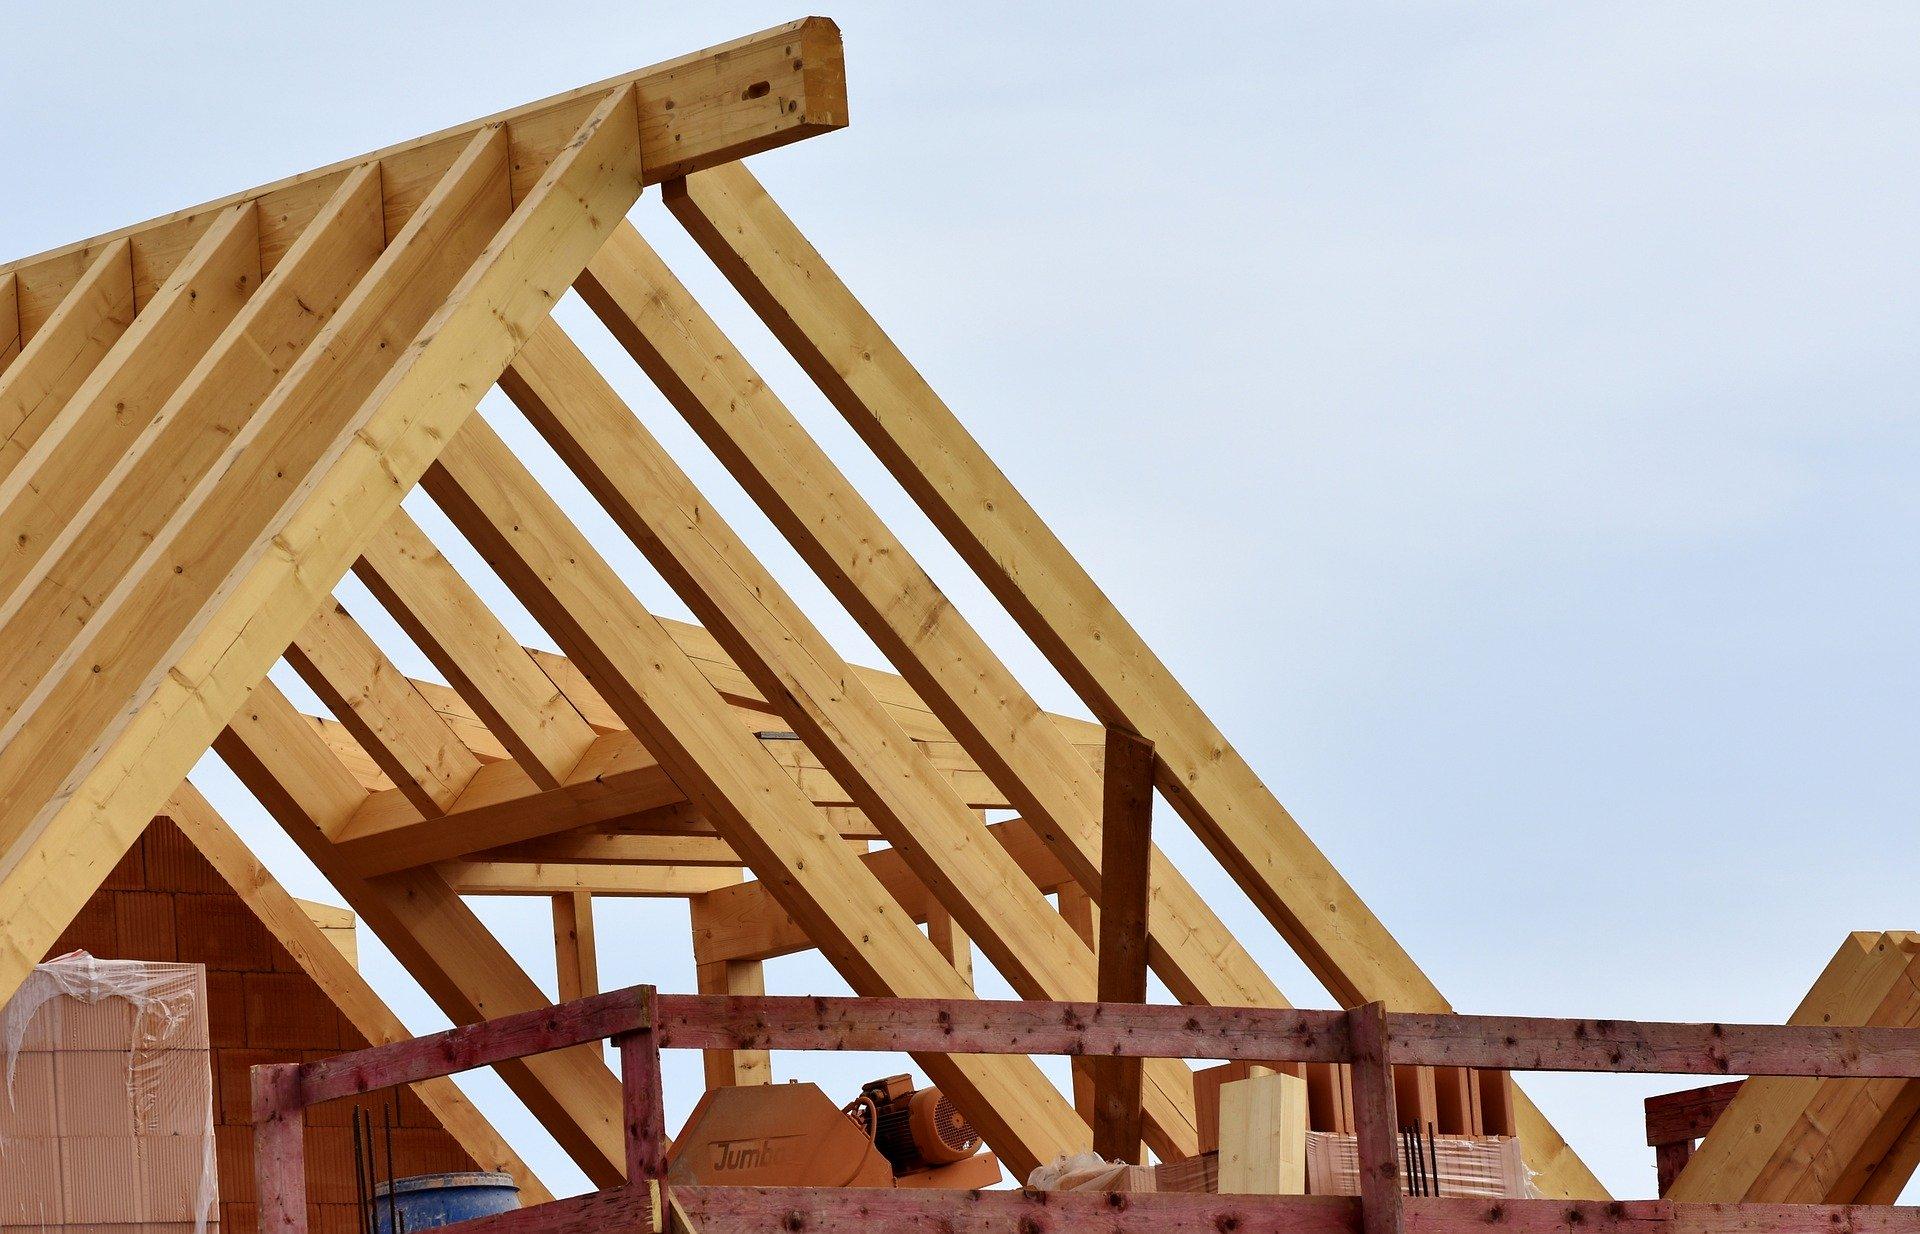 Budowa dachów – jak przebiega i co trzeba wiedzieć na jej temat?